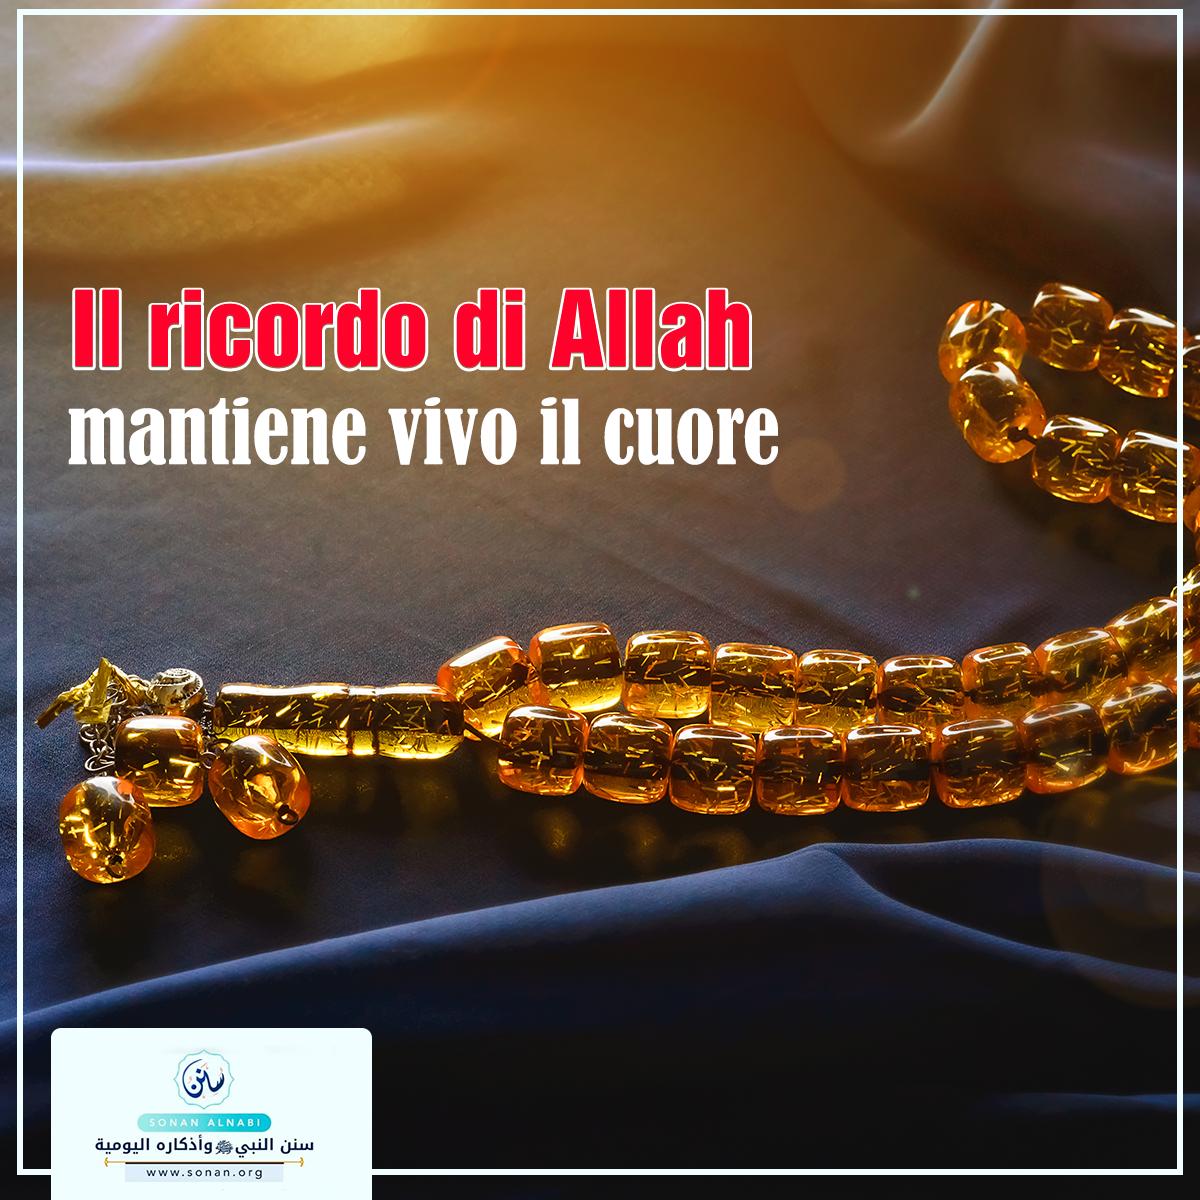 Il ricordo di Allah mantiene vivo il cuore